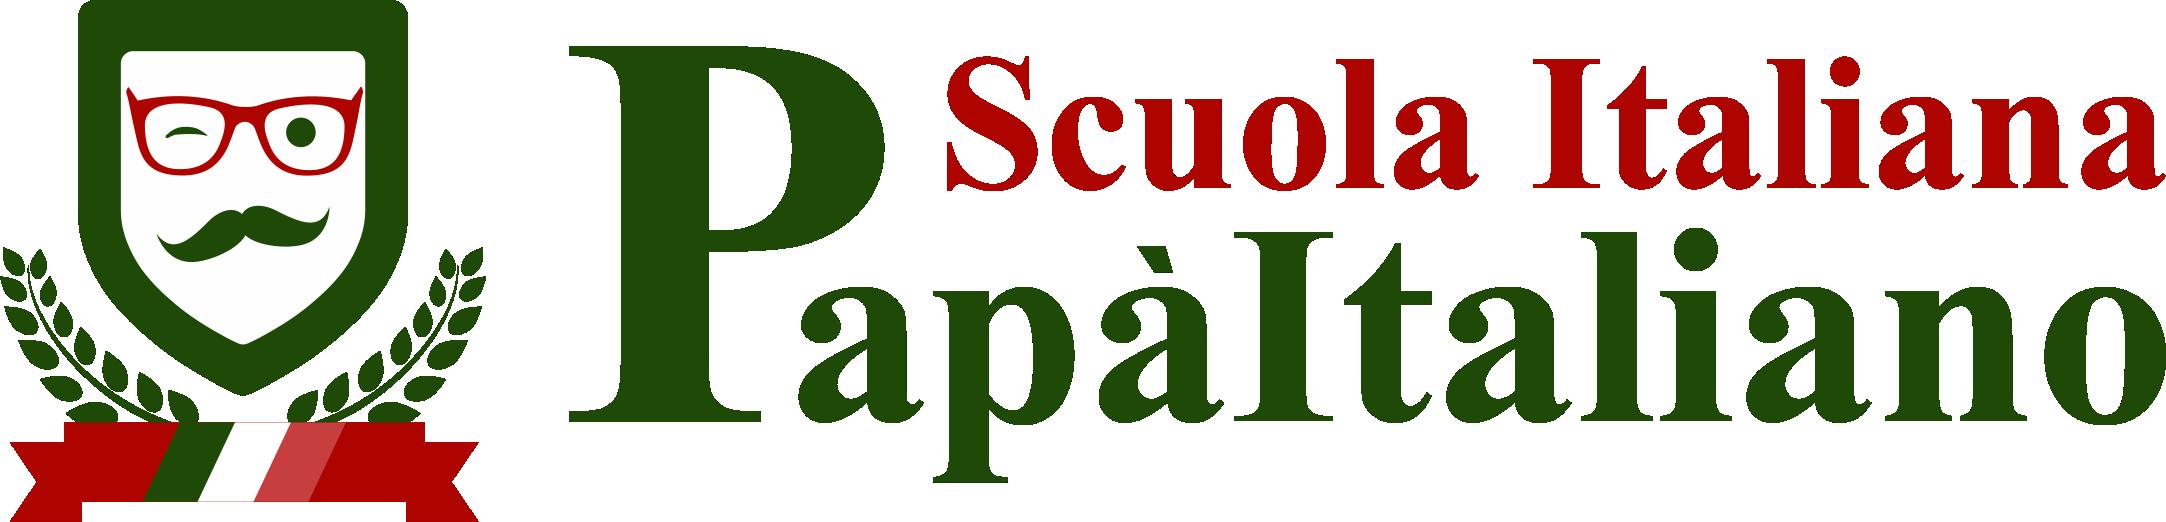 Школа PapaItaliano в Витебске